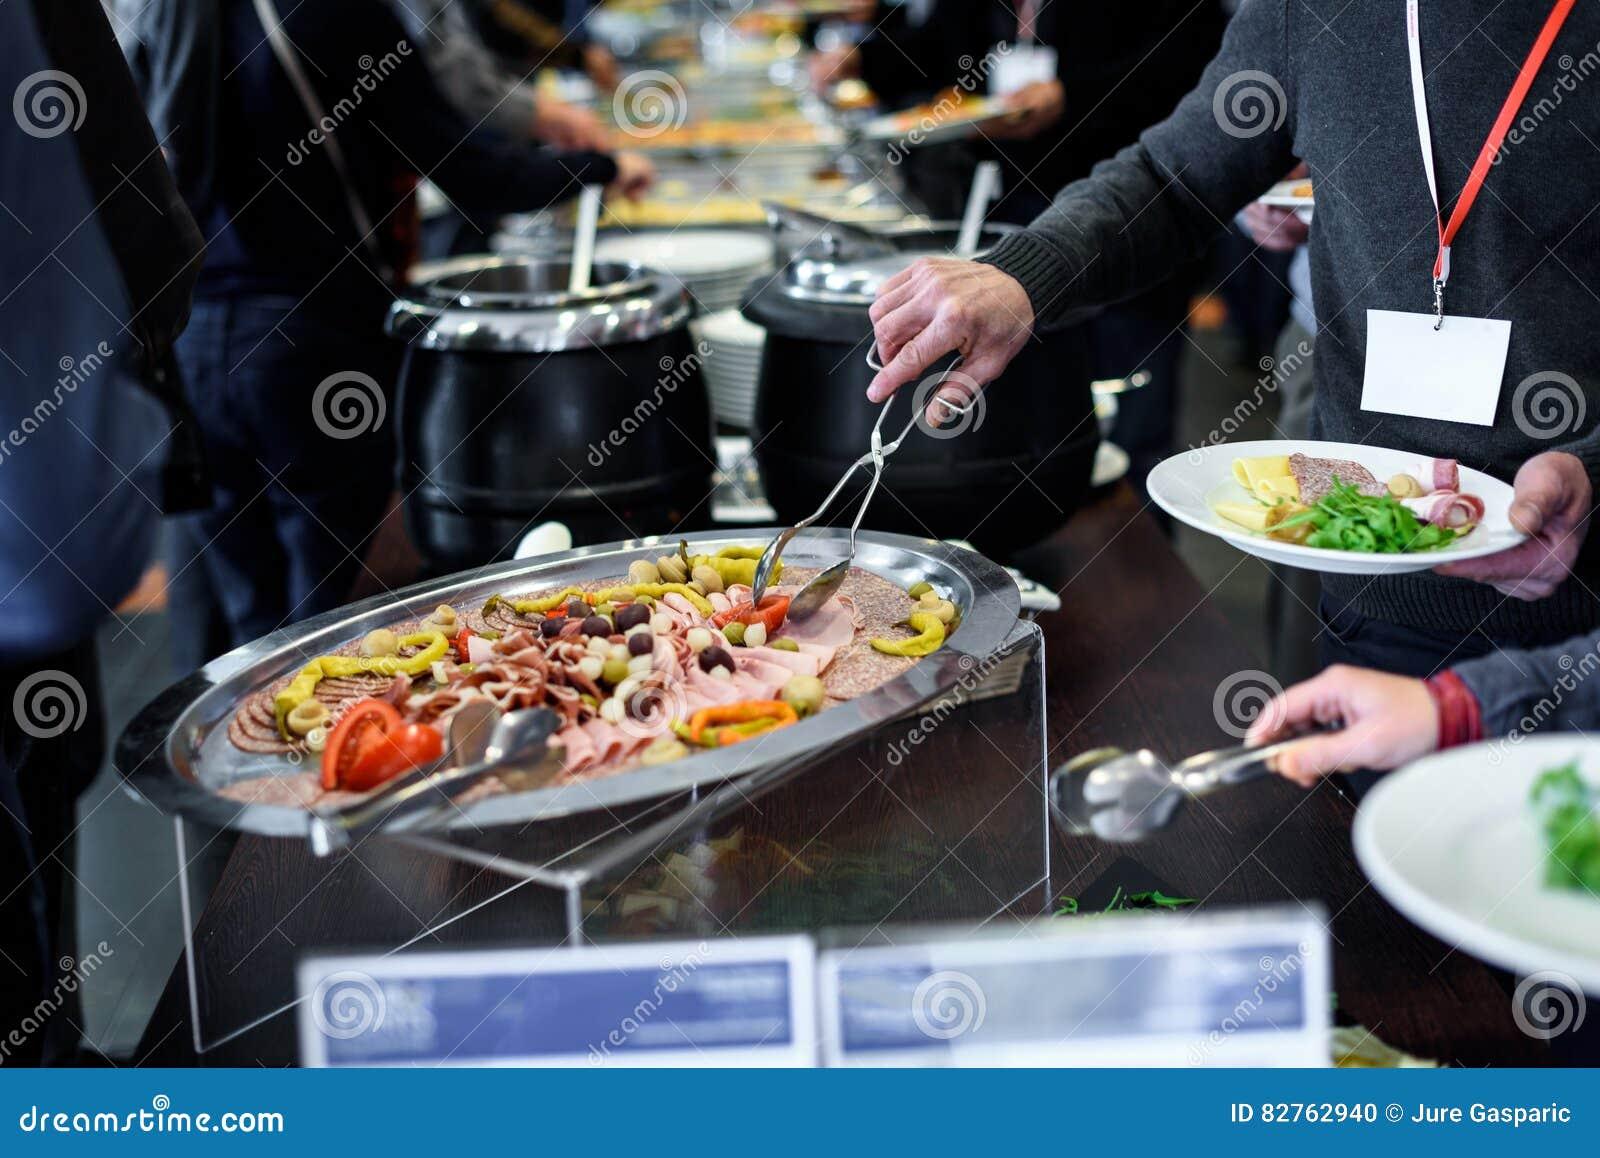 Küche-kulinarische Buffet-Abendessen-Verpflegung, die Lebensmittel-Feier speist